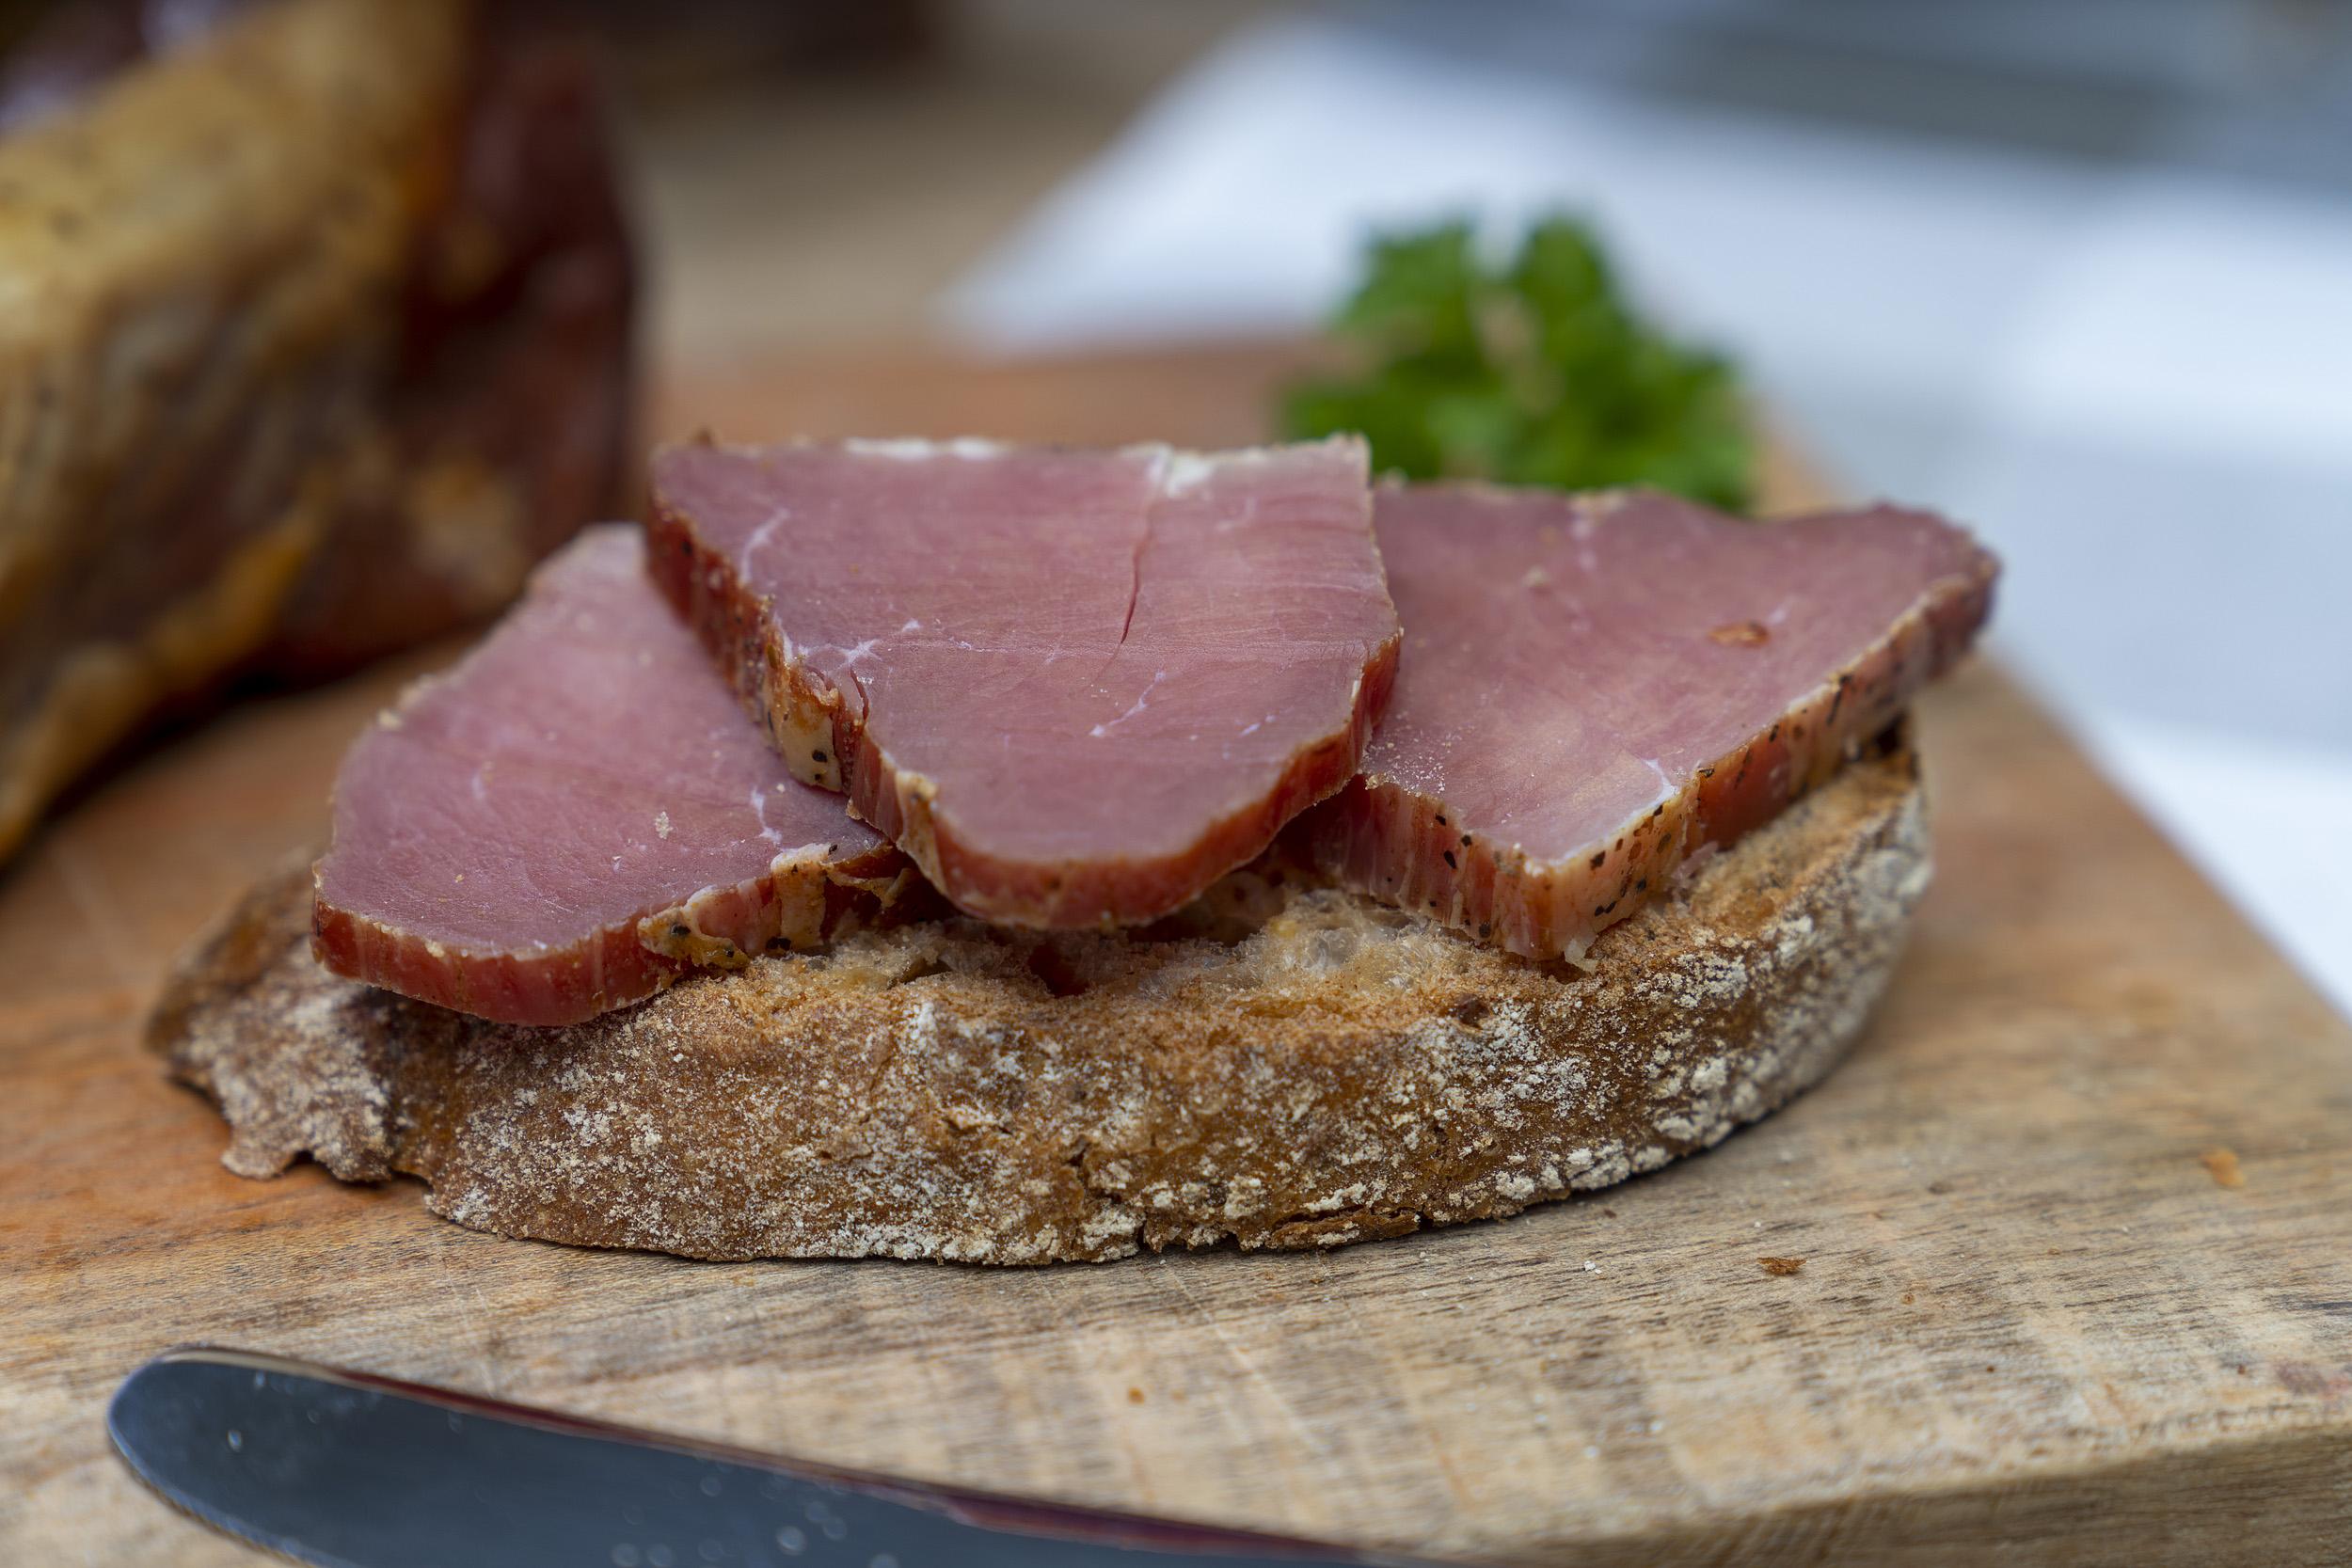 Ein Stück Schinkenfilet der Fleischerei Fessel. Daneben ein Brot mit Schinken.